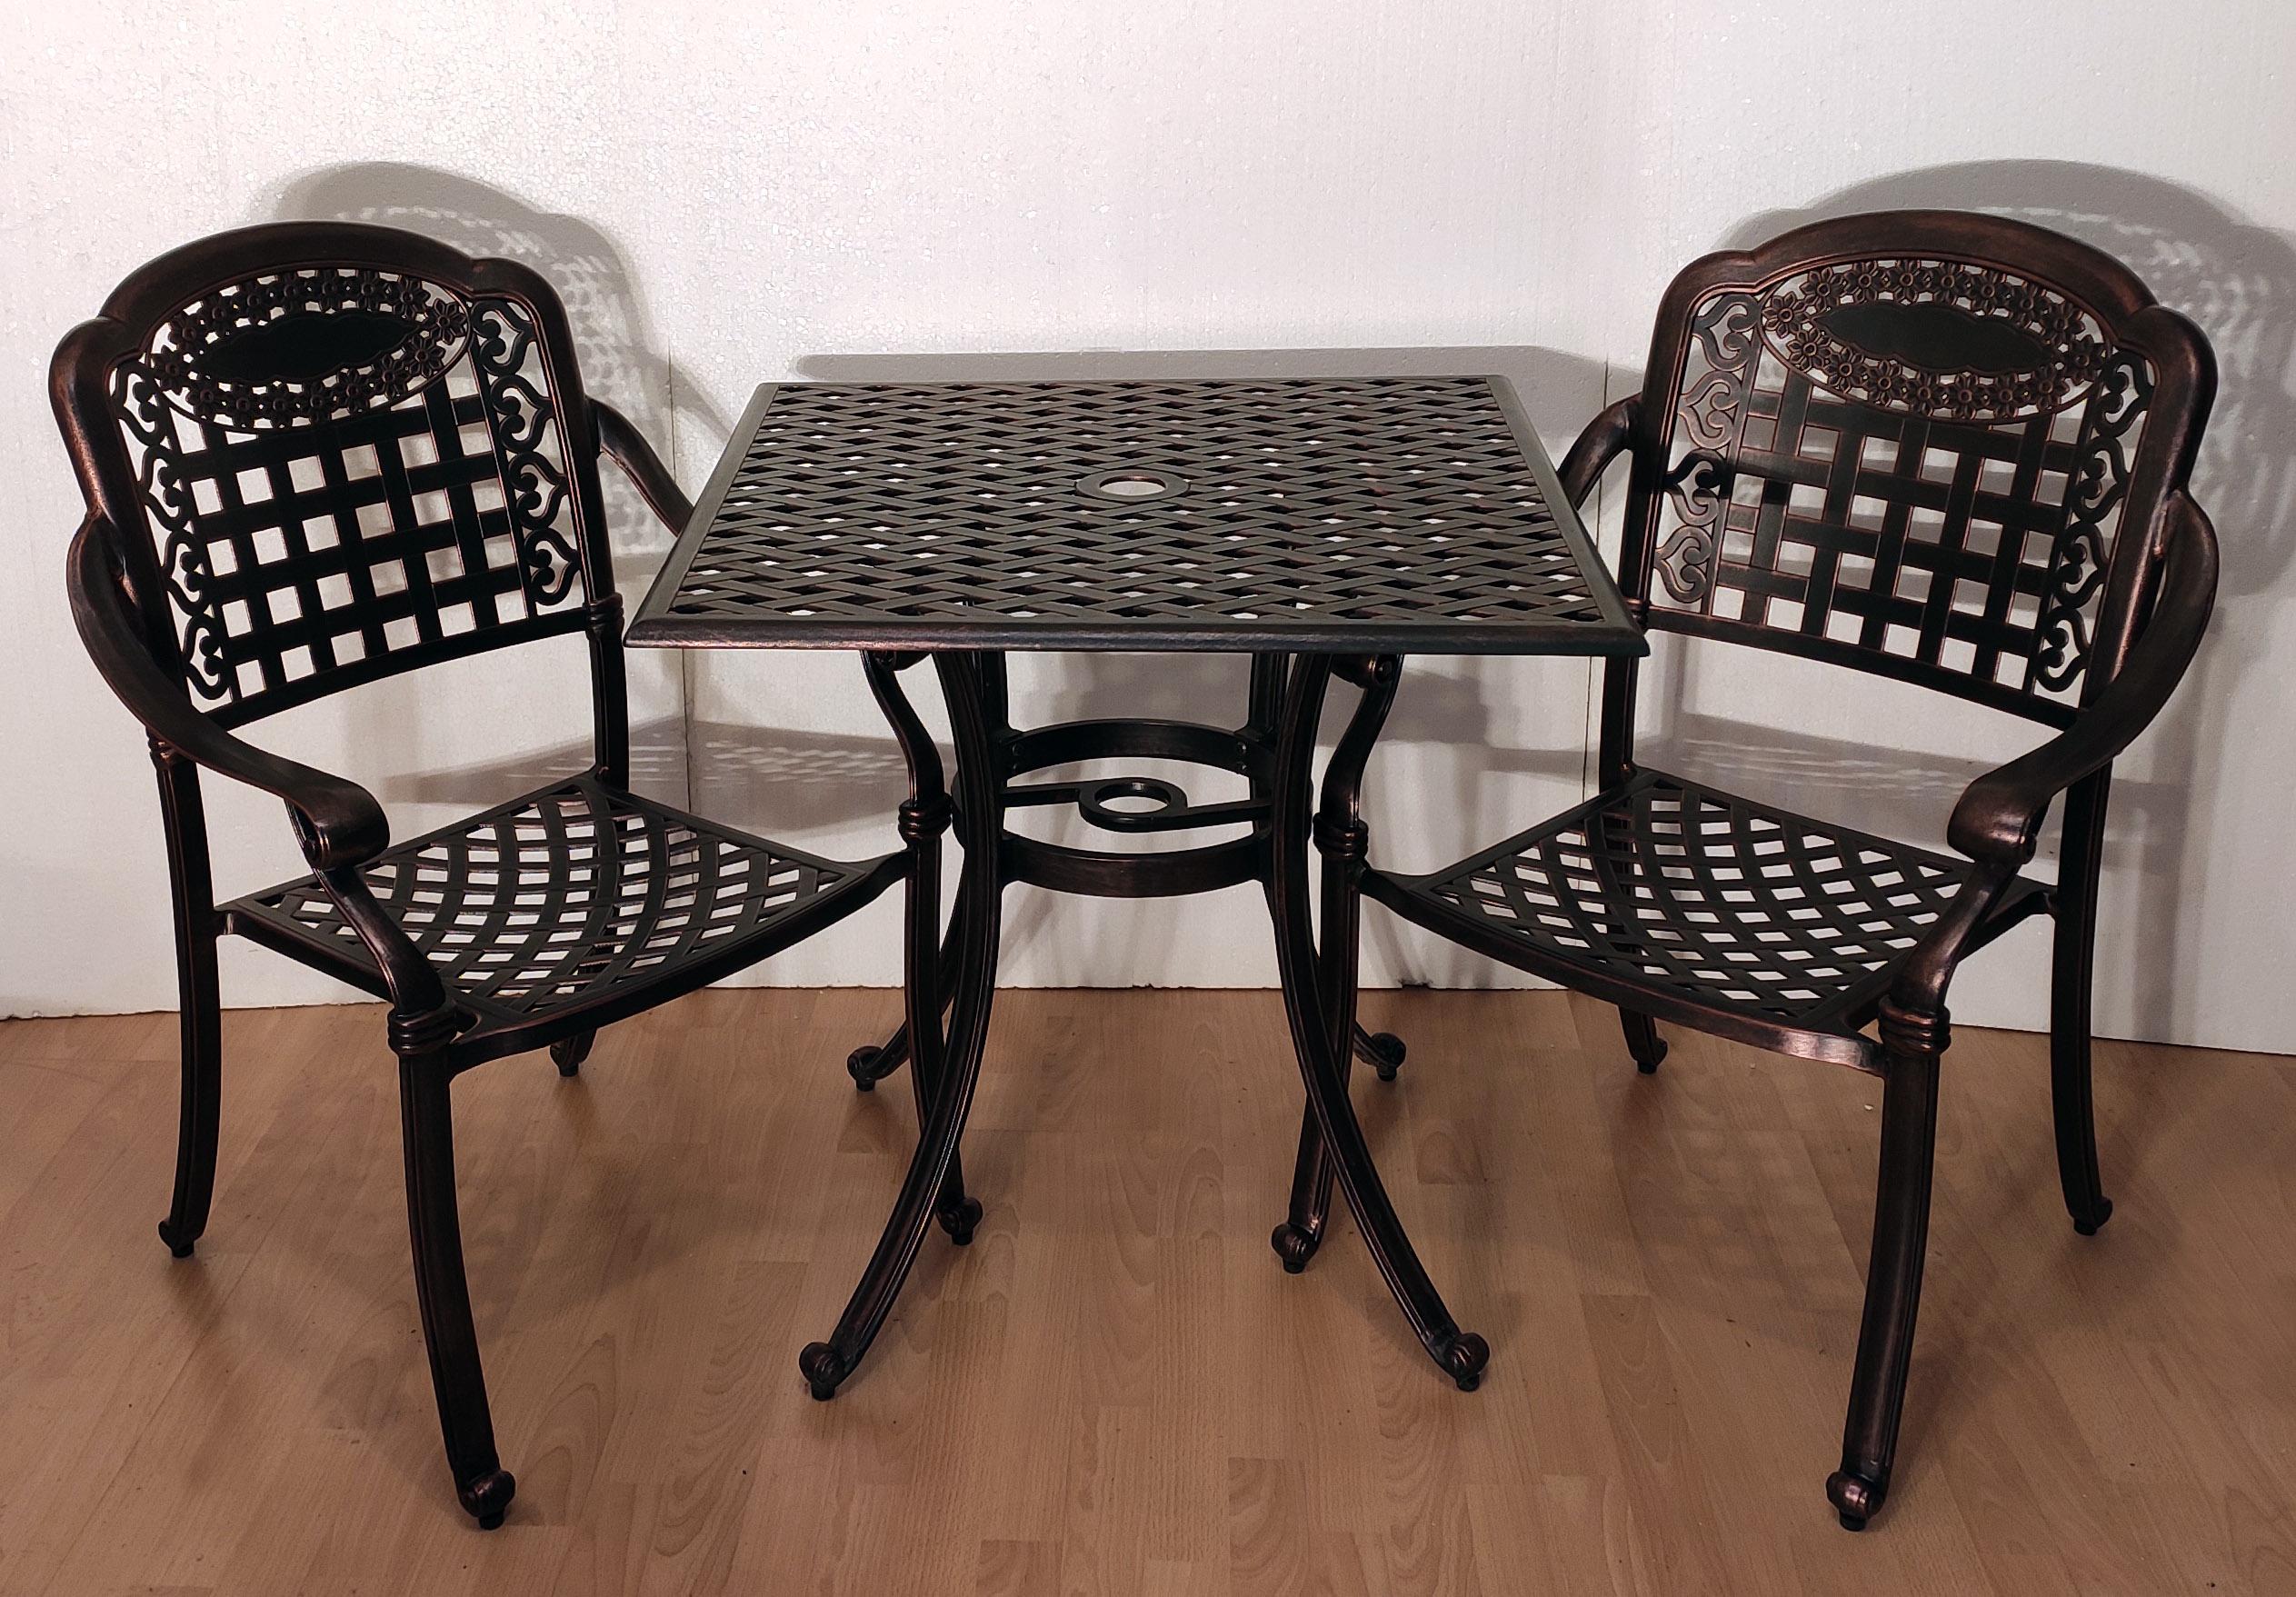 Столы и кресла для сада металлические, дачная мебель из металла, стул и стол из литого алюминия, чугунная мебель, столы и стулья для кафе металлические.